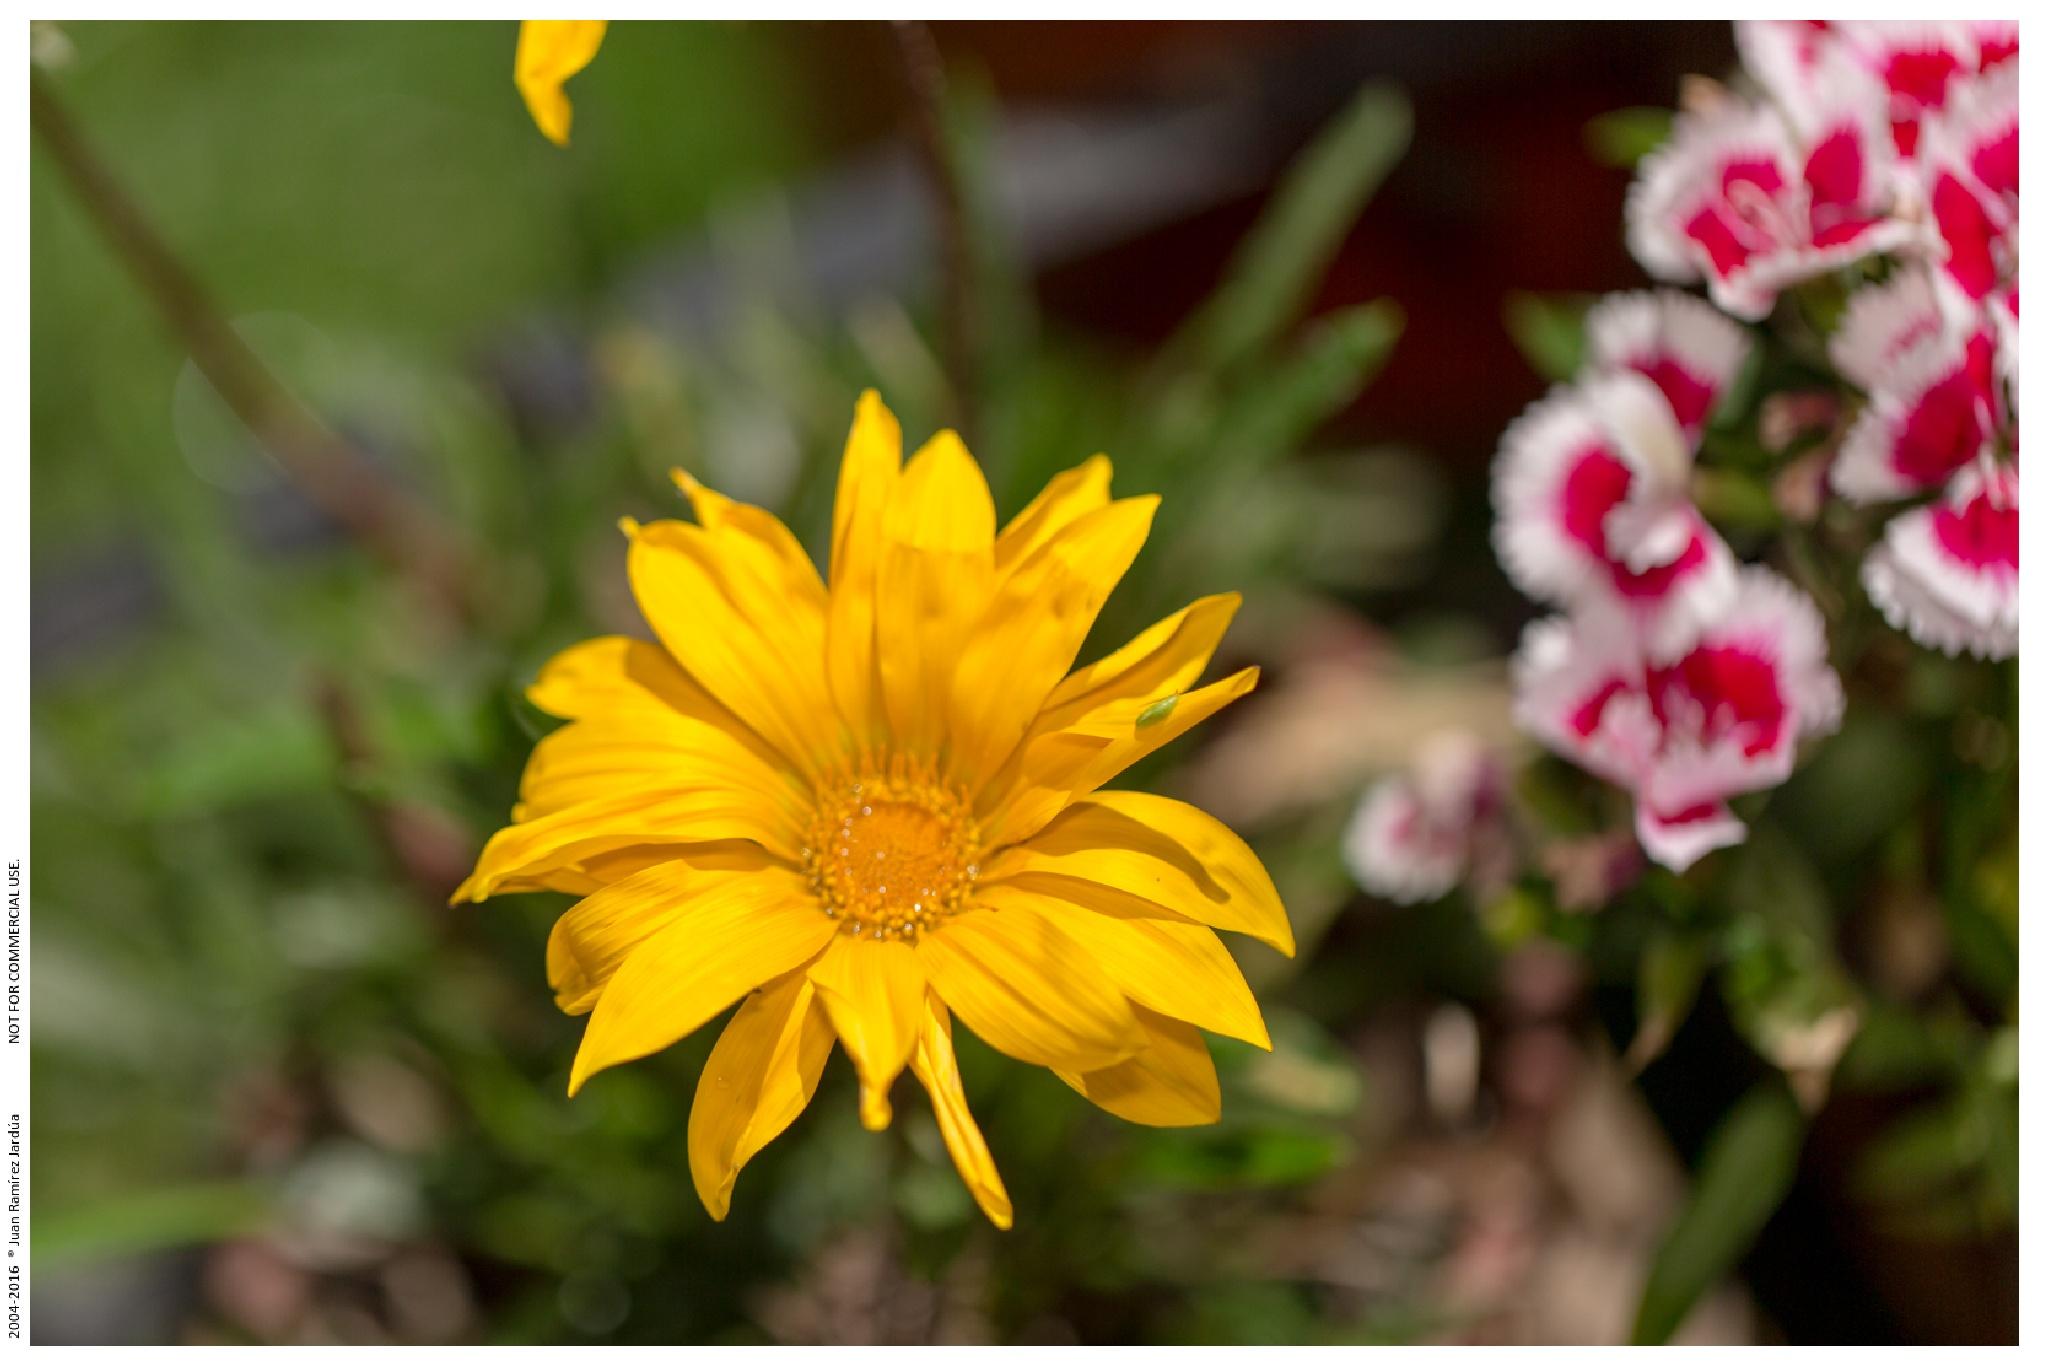 Flowers from my garden. by juanramirezj